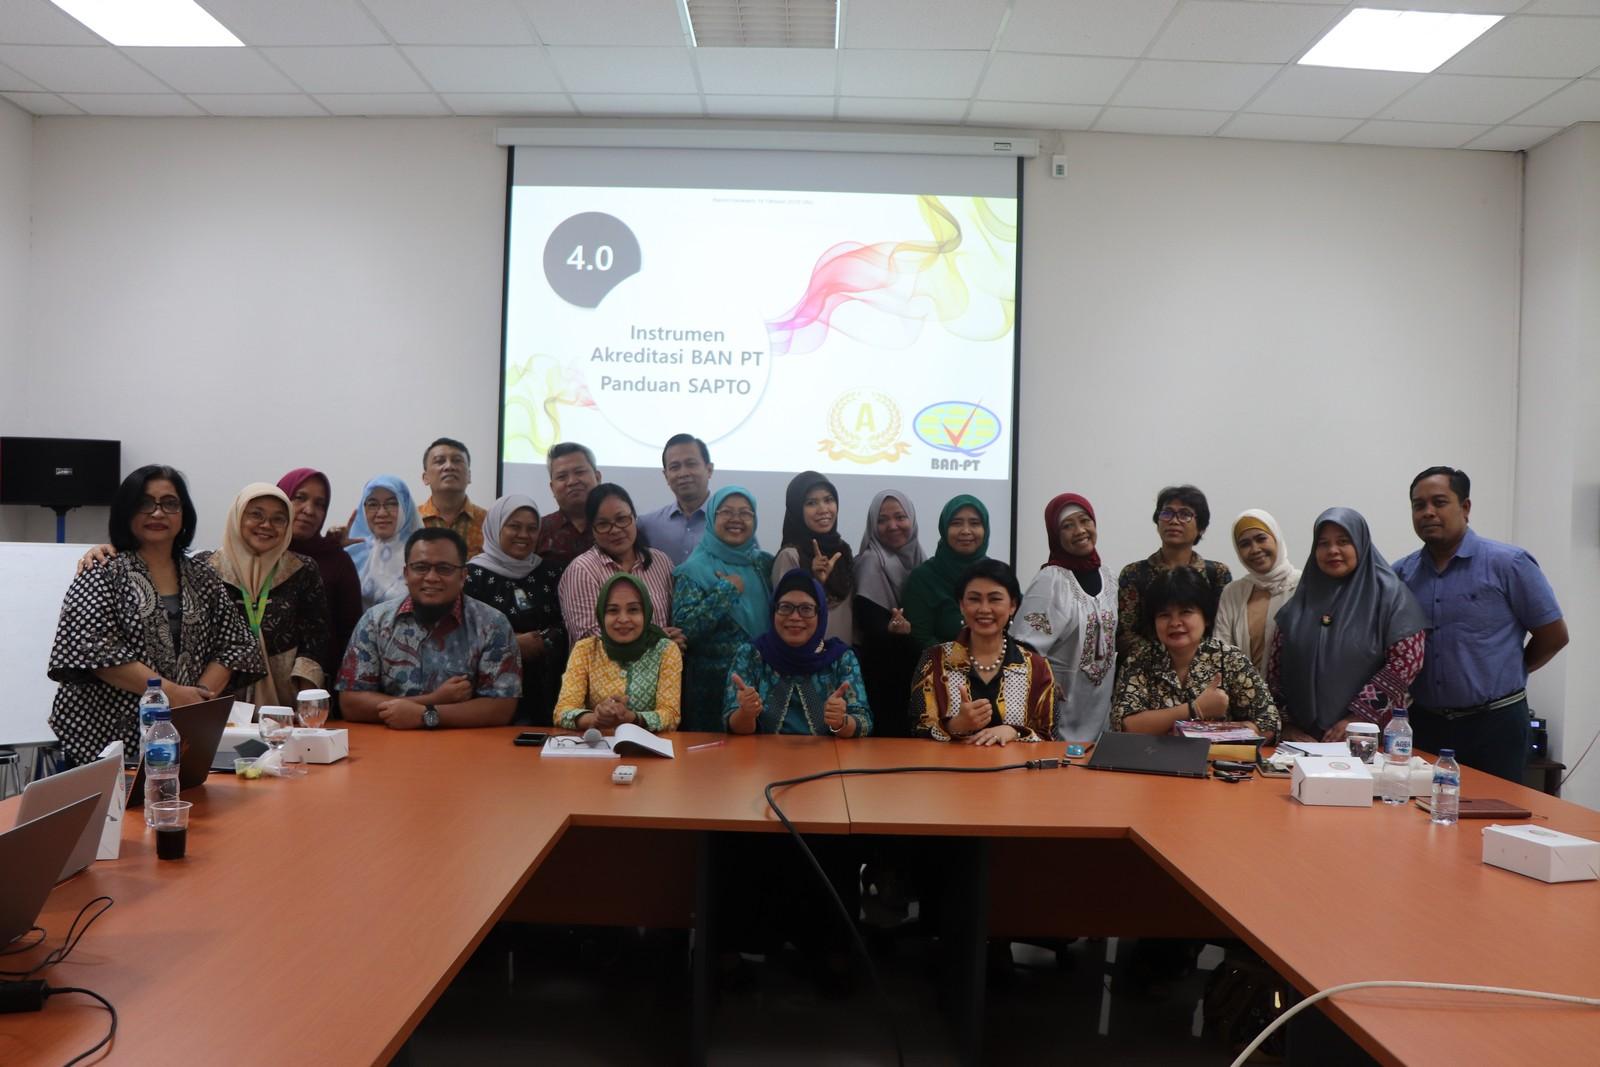 Rapat Penyamaan Persepsi Instrumen Akreditasi Program Studi (IAPS) 4.0.